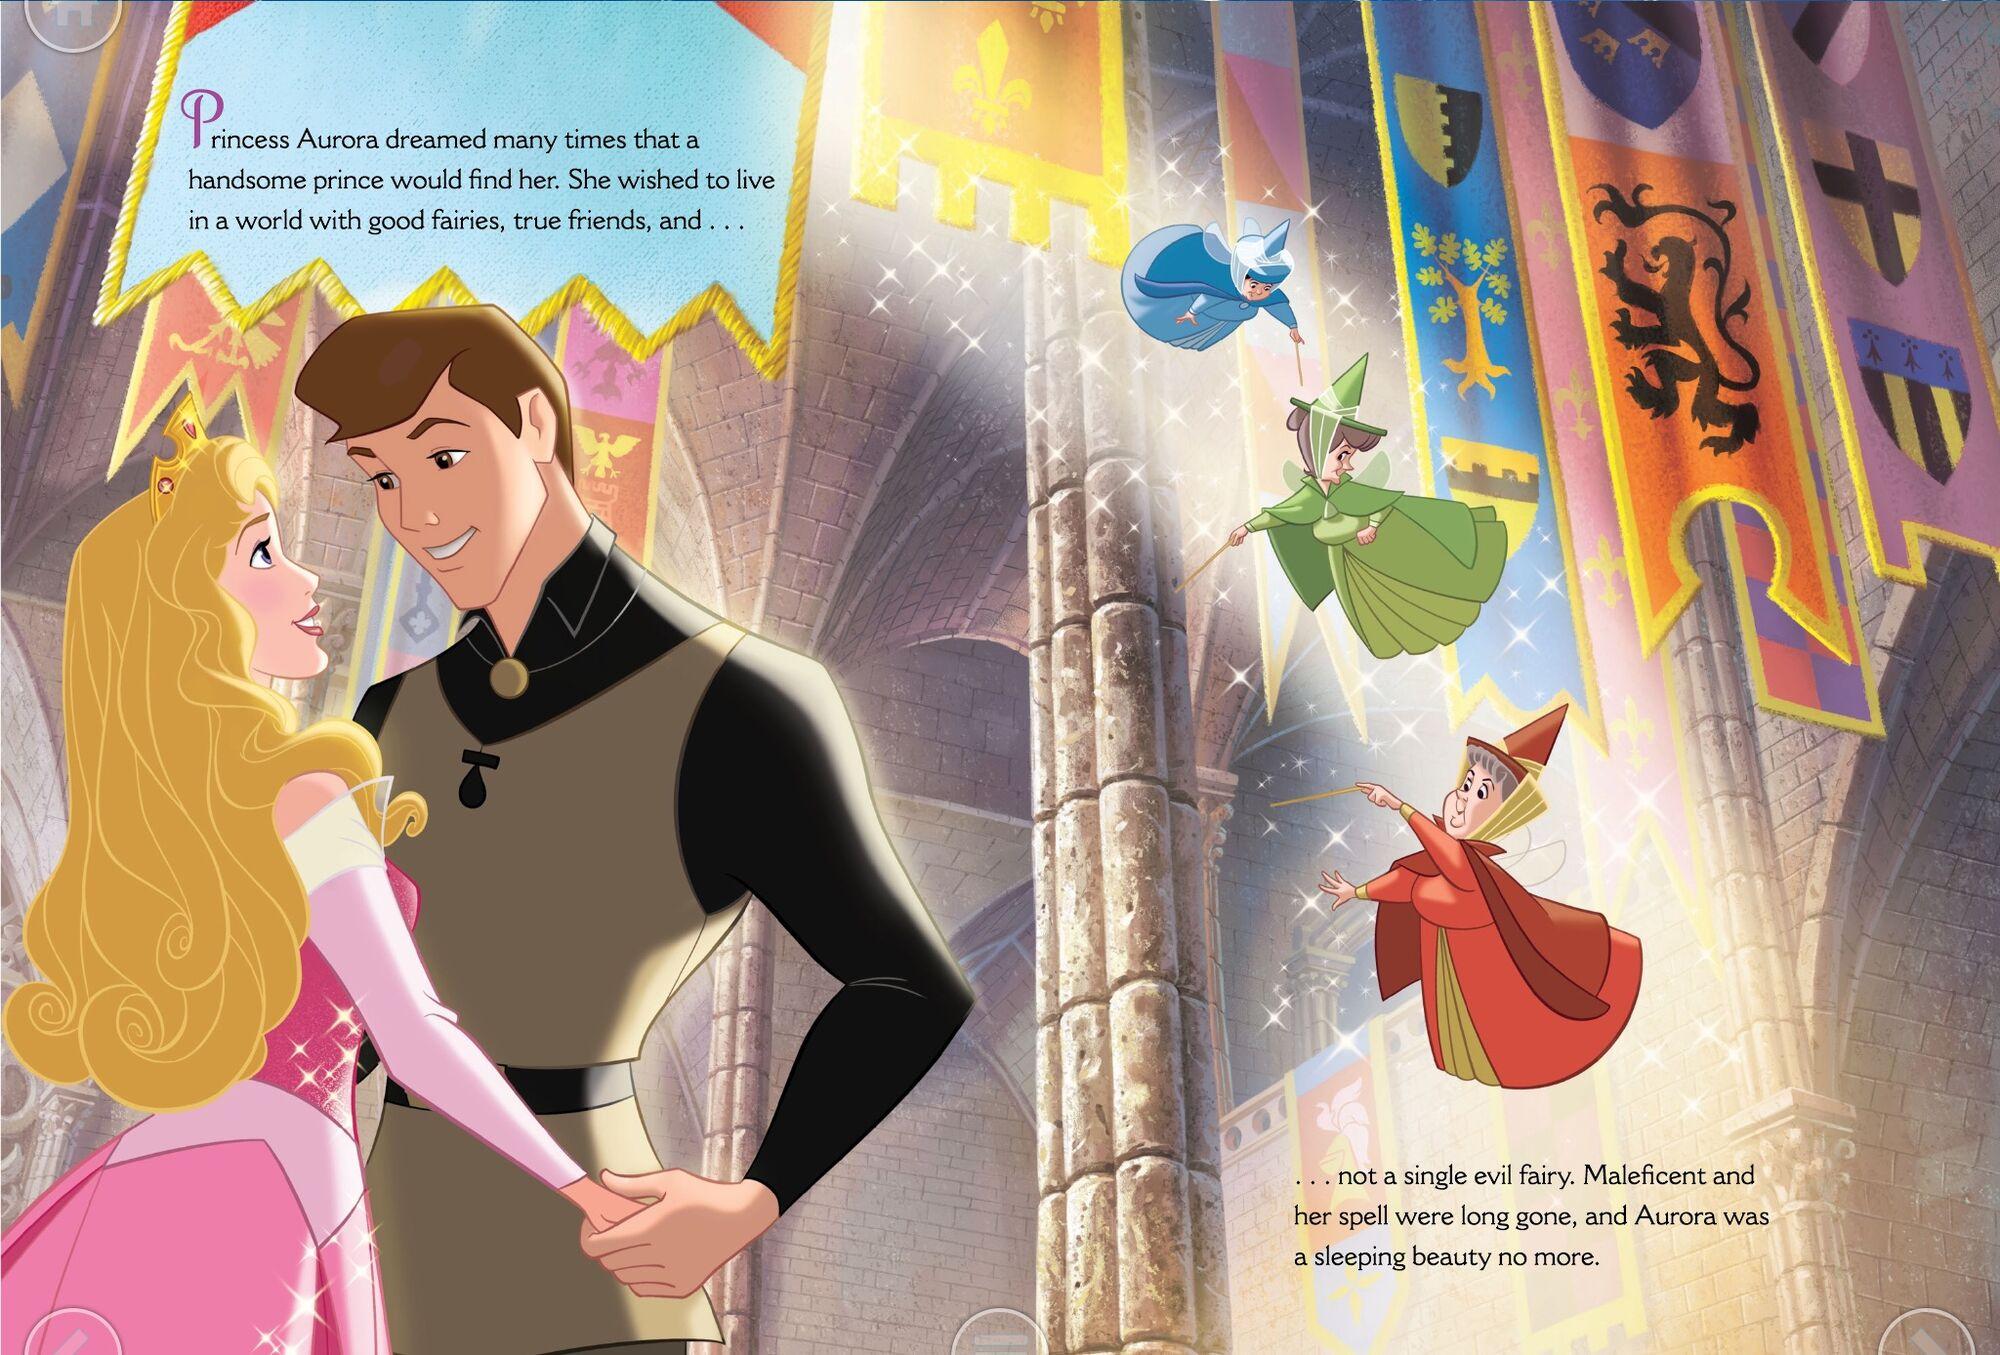 auroras royal wedding disney wiki fandom powered by wikia